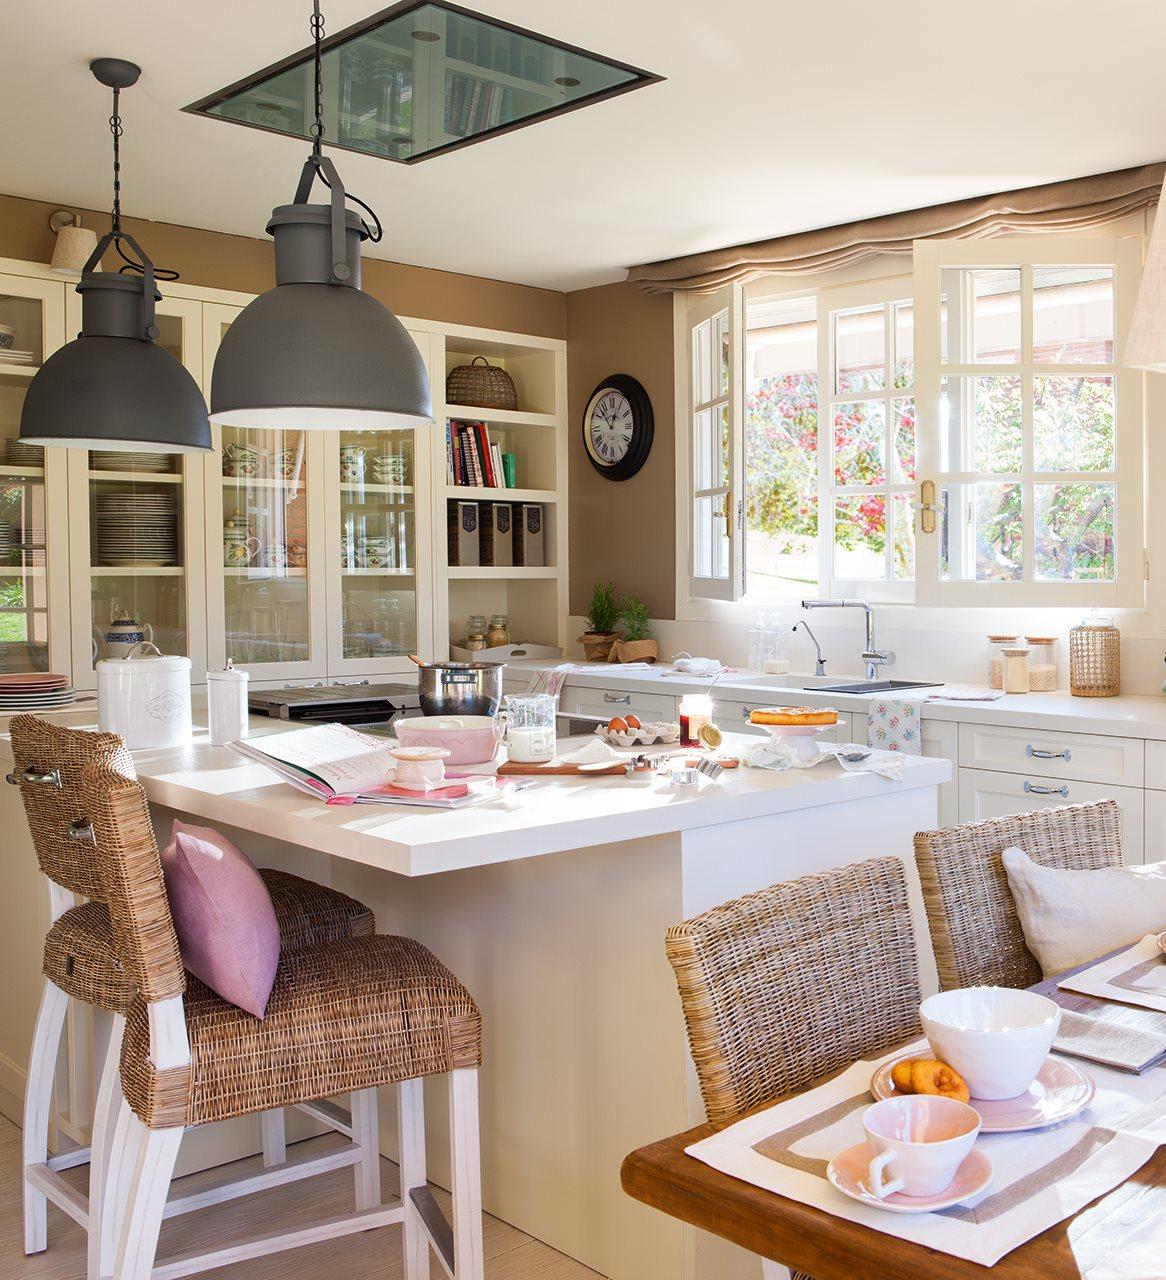 Una casa de inspiraci n estadounidense - Cocina con isla pequena ...